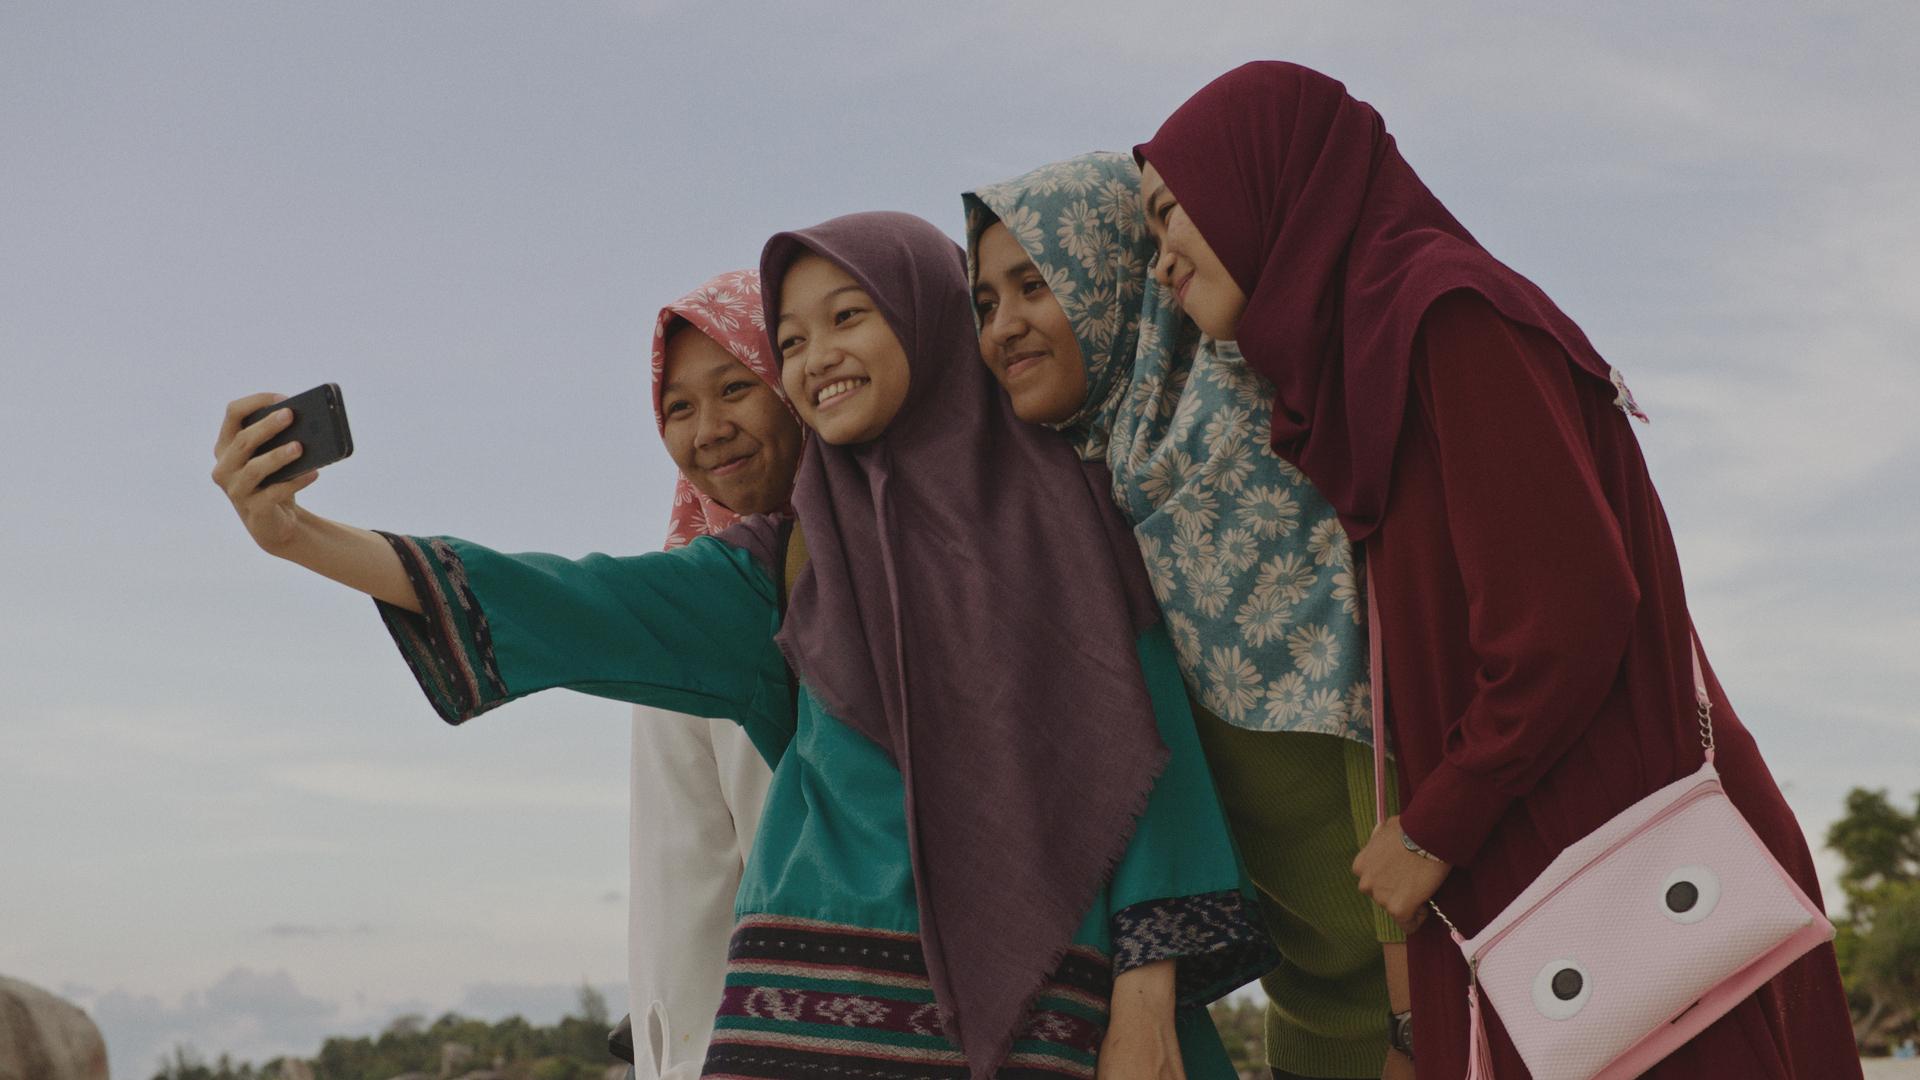 Nuha_selfie with friends.jpg